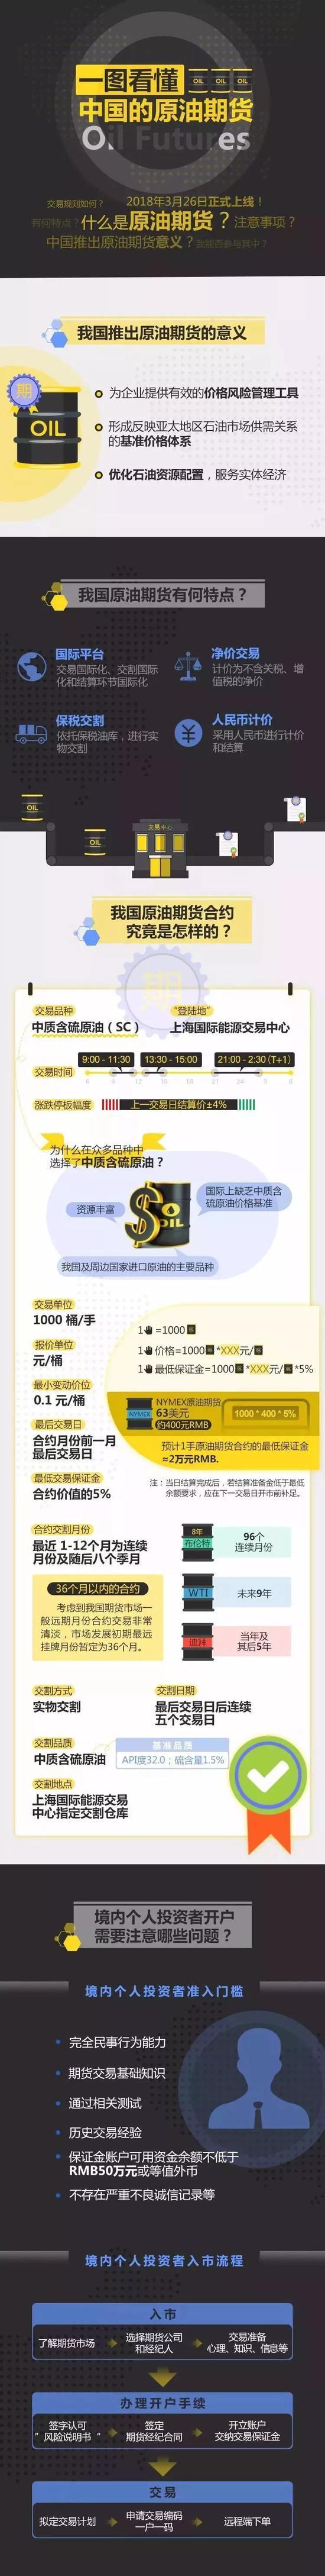 (图片来源于经济日报微信公众号)